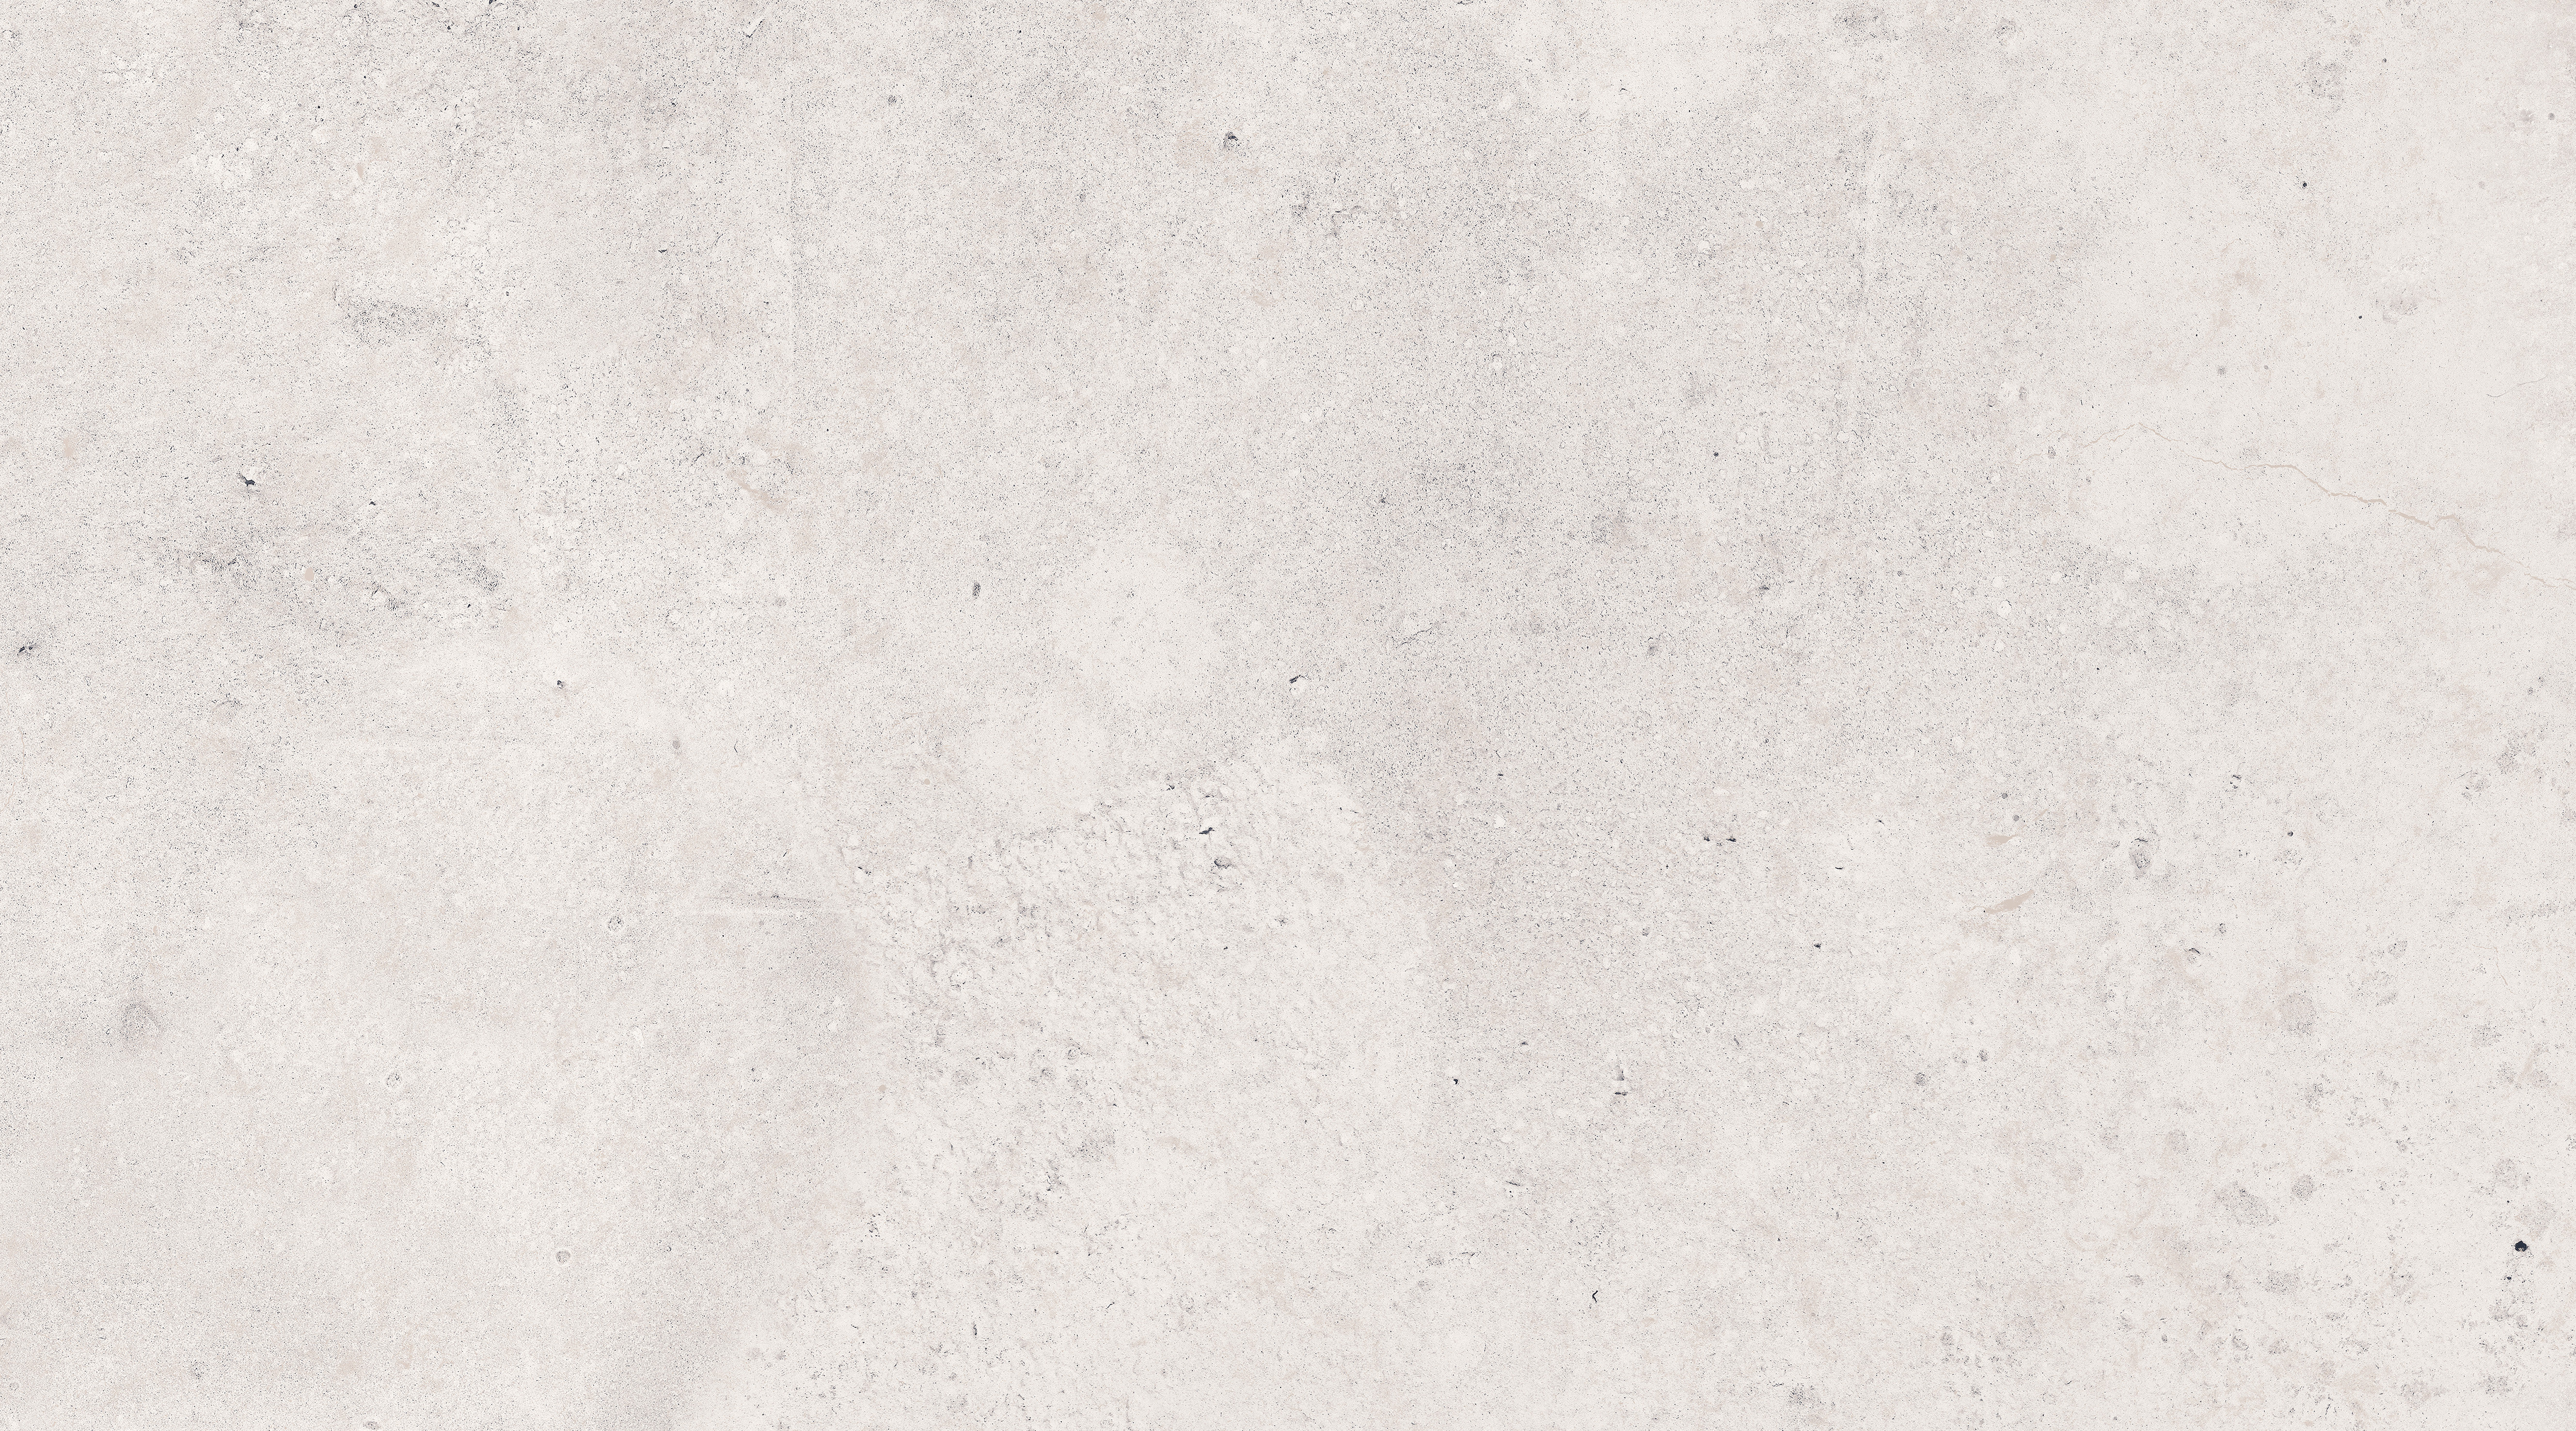 Керамическая плитка Lb-Ceramics Лофт Стайл Плитка настенная cветло-серая 1045-0126 25х45